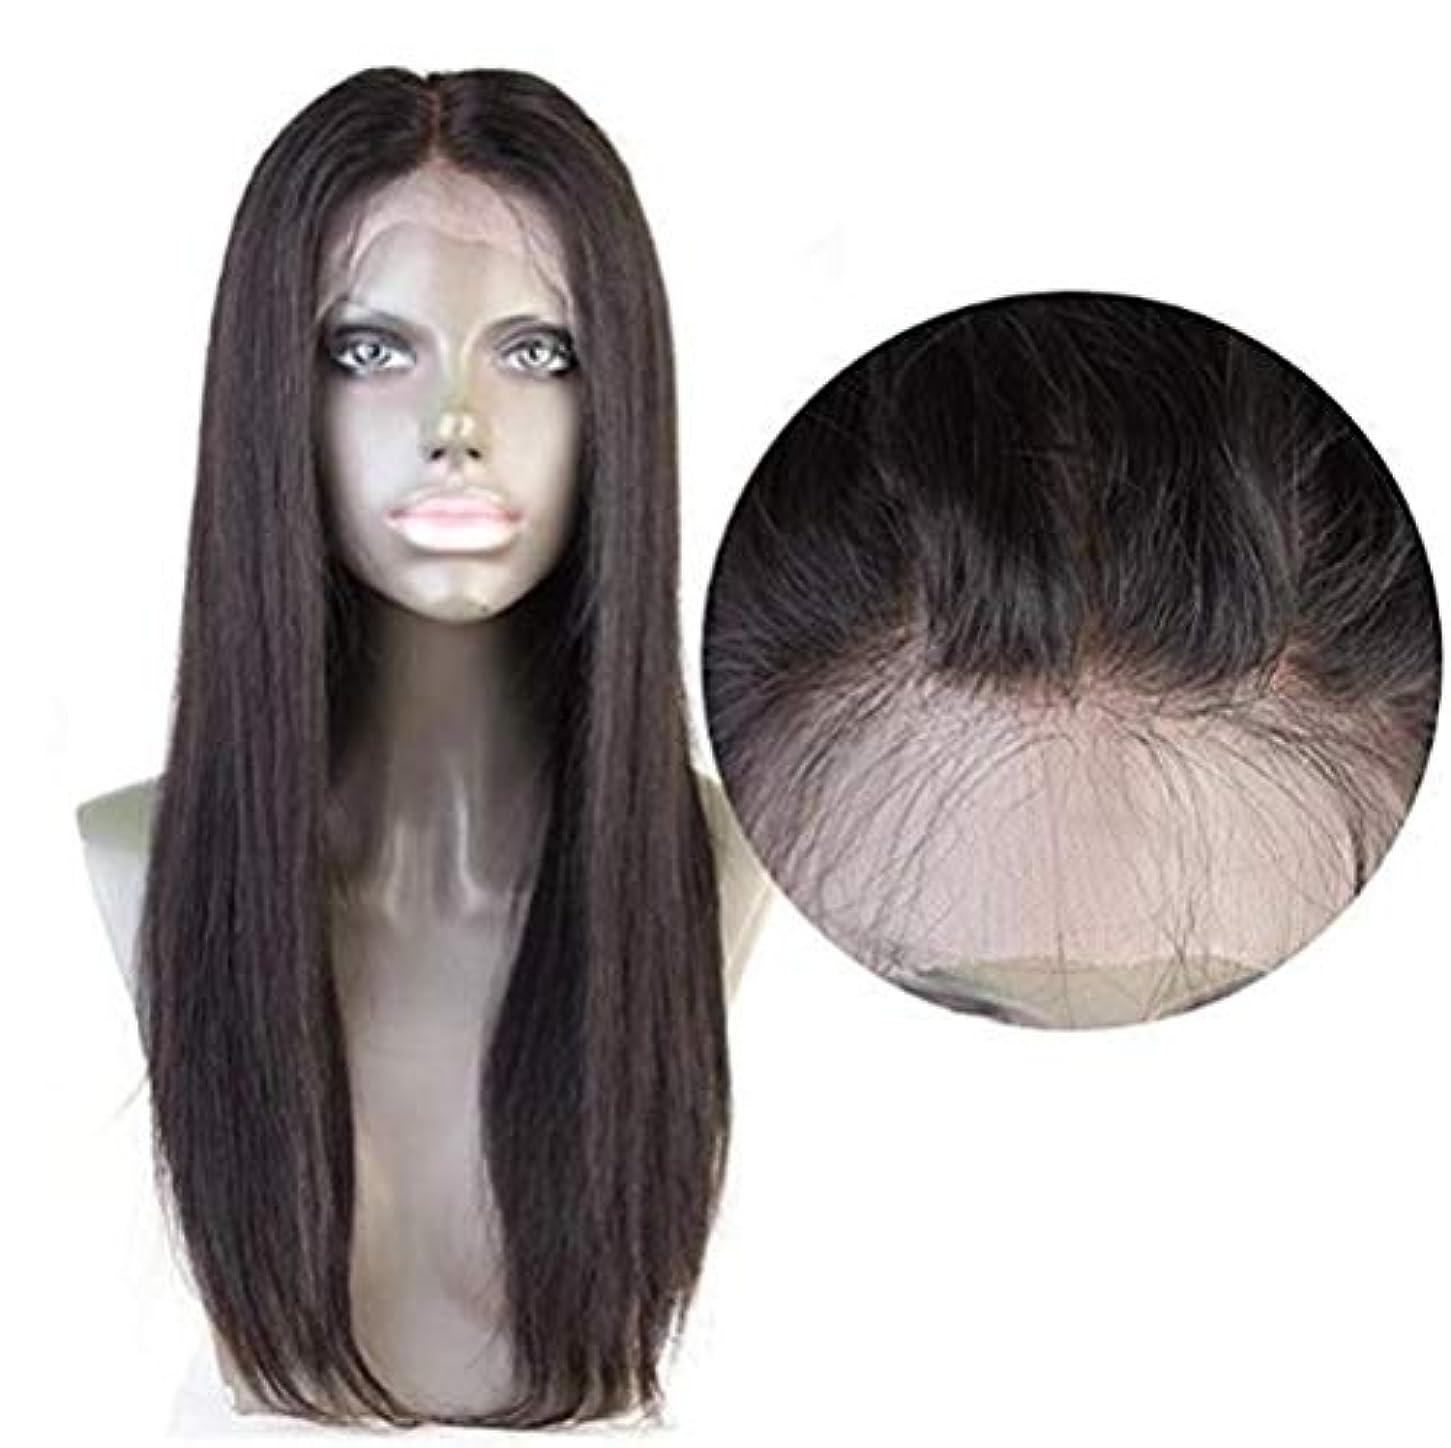 ダメージ暗記する未払い女性ストレートヘア4×4レース前頭かつらブラジルバージン人間の髪赤ちゃんの髪自然な色で